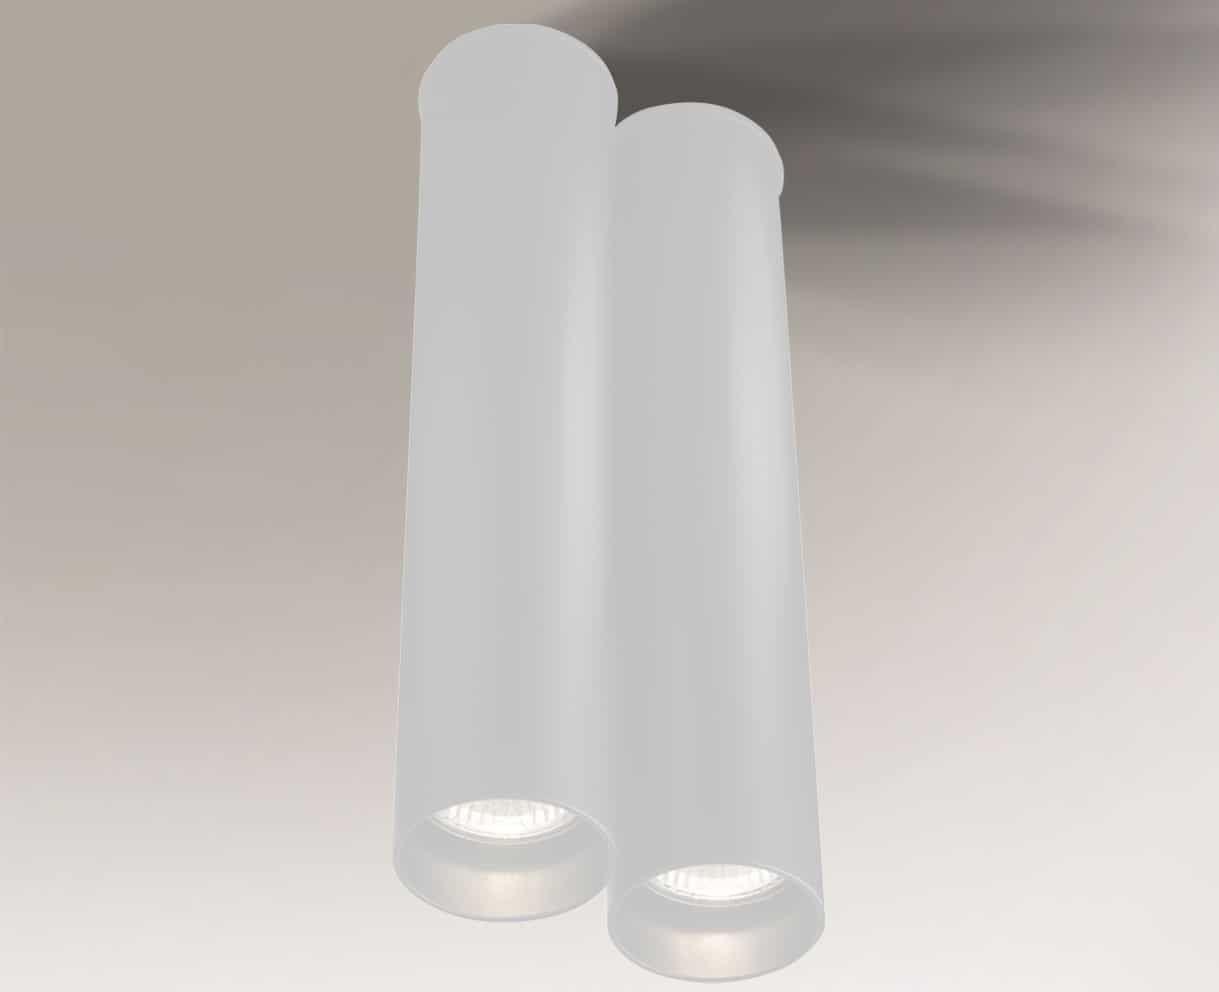 Oprawa natynkowa ARIDA 7013 Shilo biały